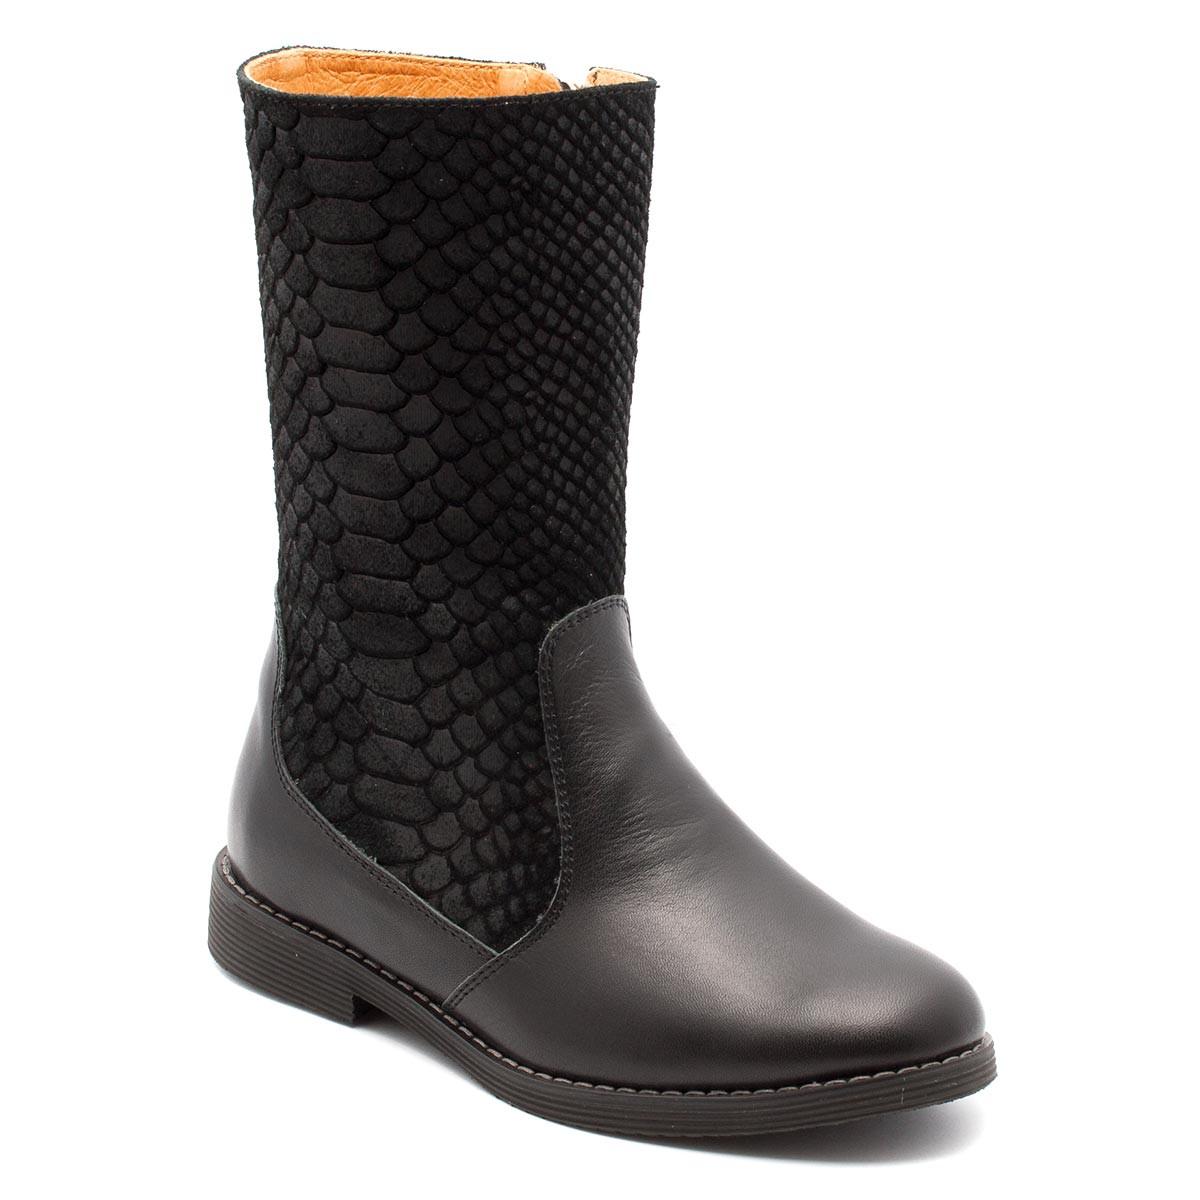 Кожаные сапоги FS Сollection для девочки, демисезонные, размер 28-35